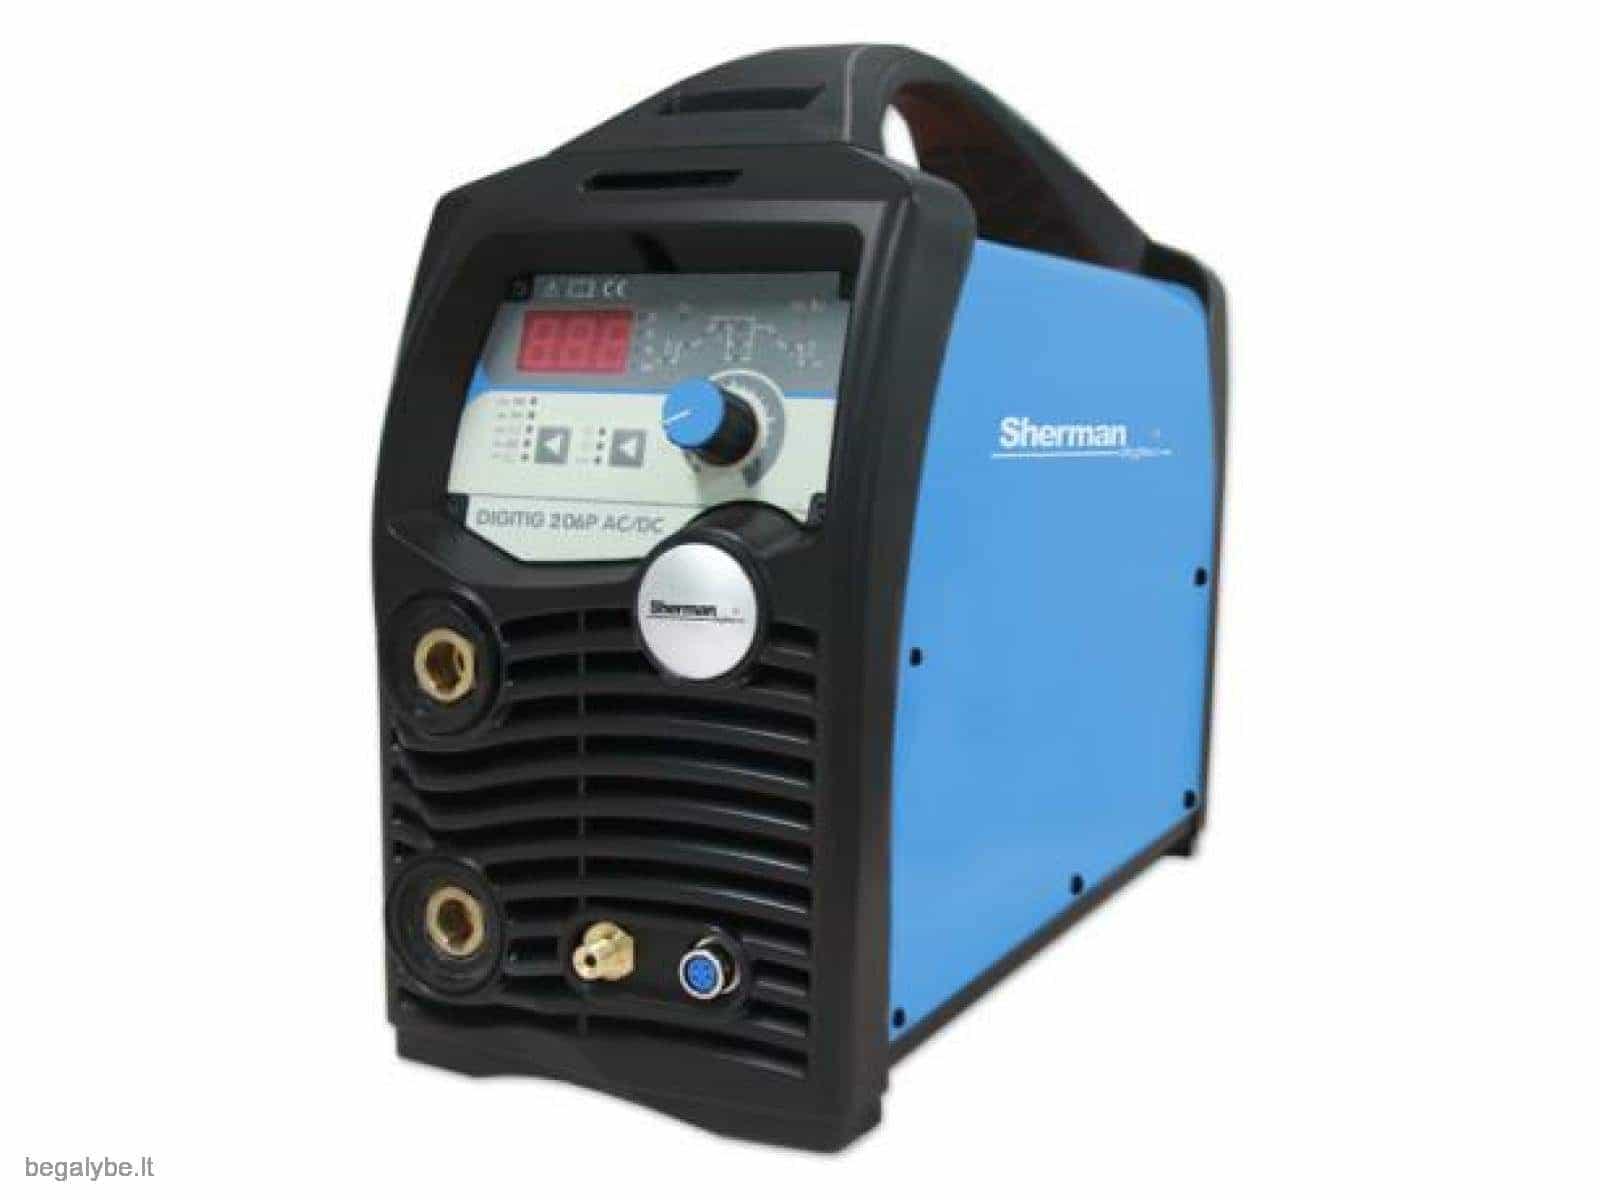 Suvirinimo aparatas SHERMAN DIGITIG 206P AC/DC aliuminiui